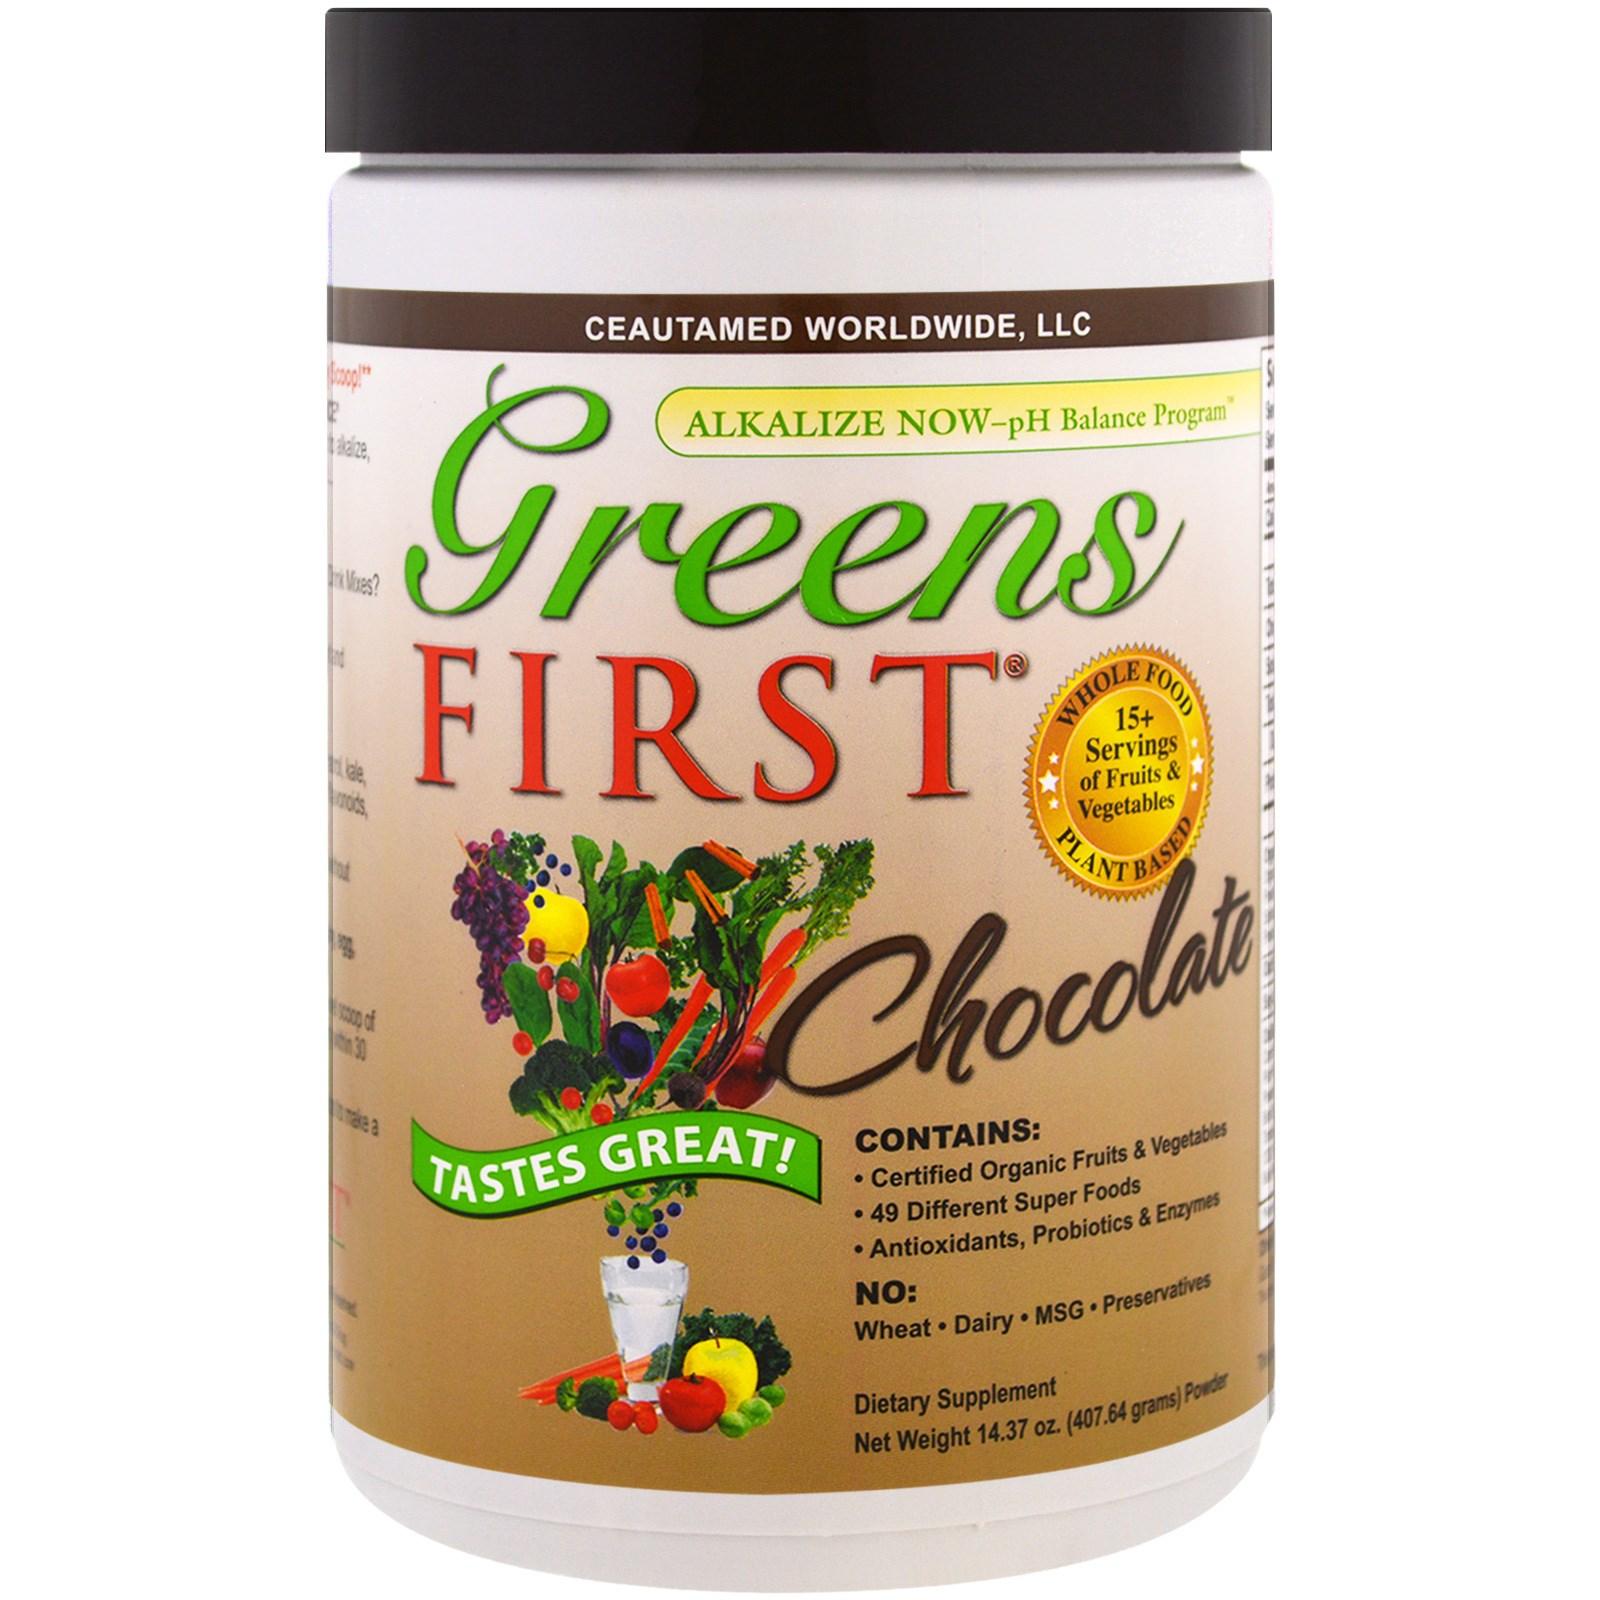 Greens First, Коктейль с антиоксидантами и суперфудами, Шоколадный вкус, 14,37 унции (407,64 г)